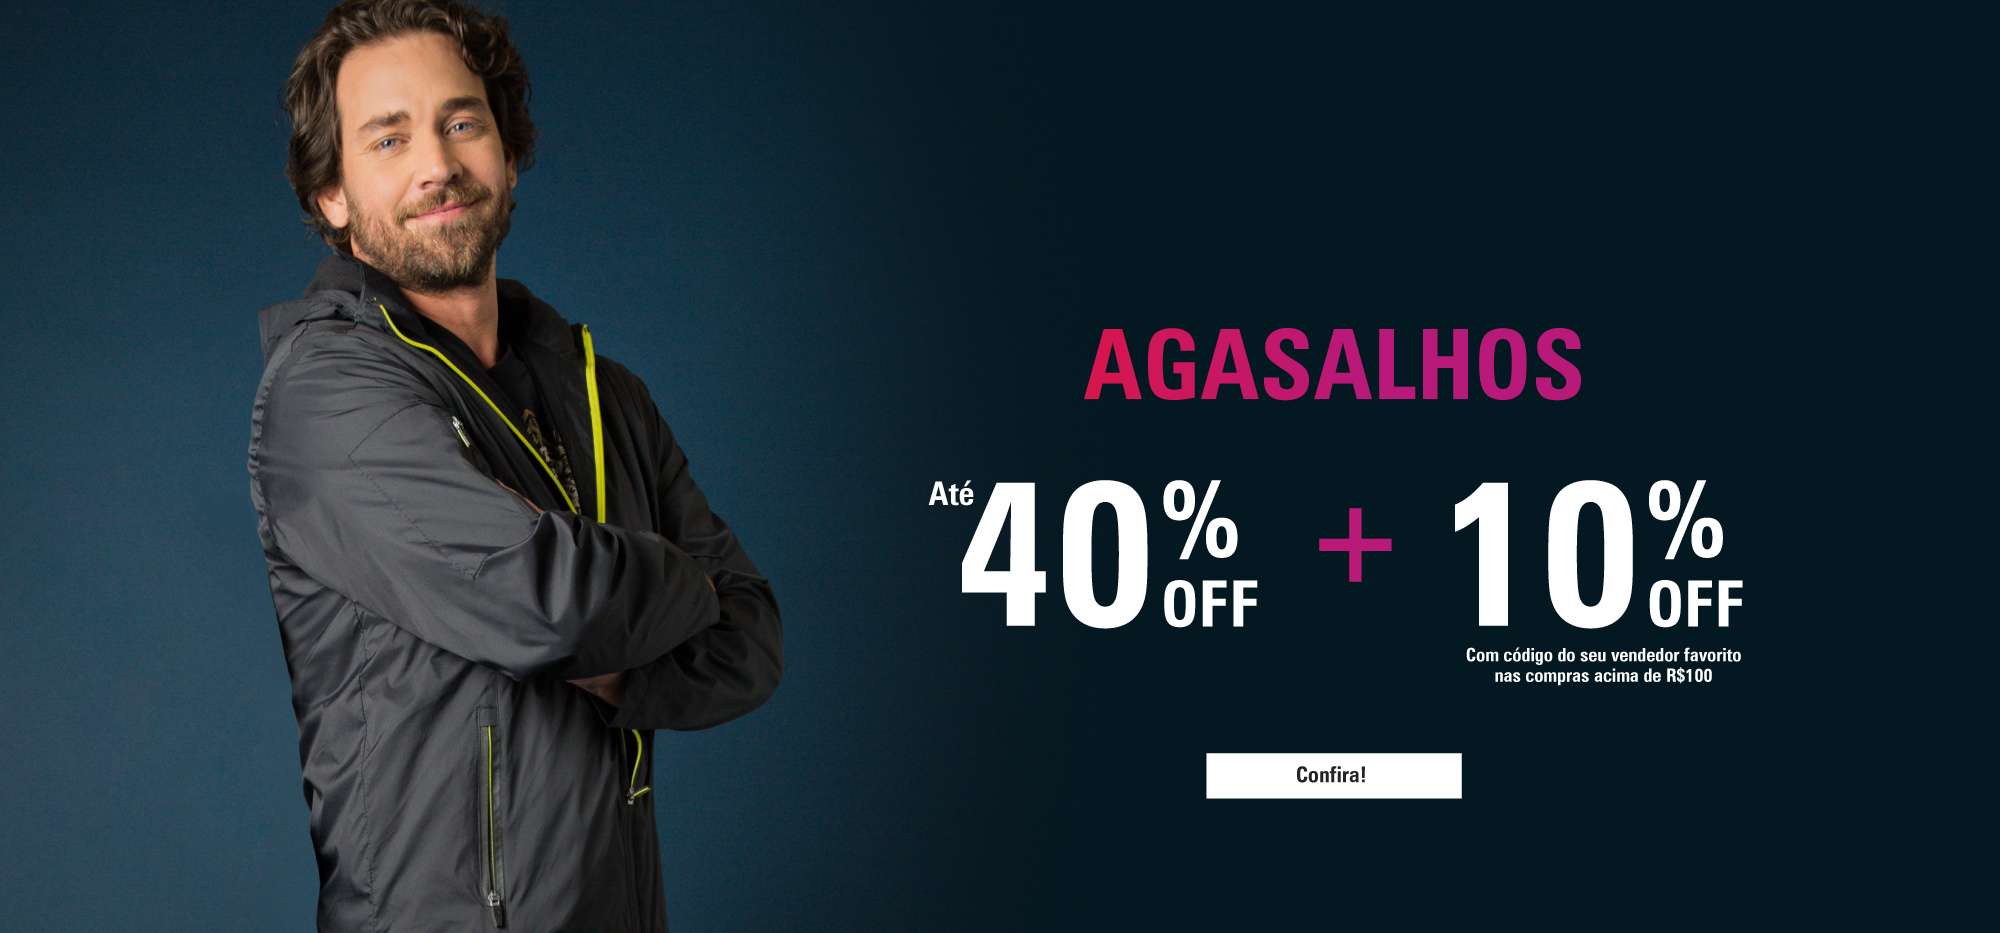 AGASALHOS - CLARO